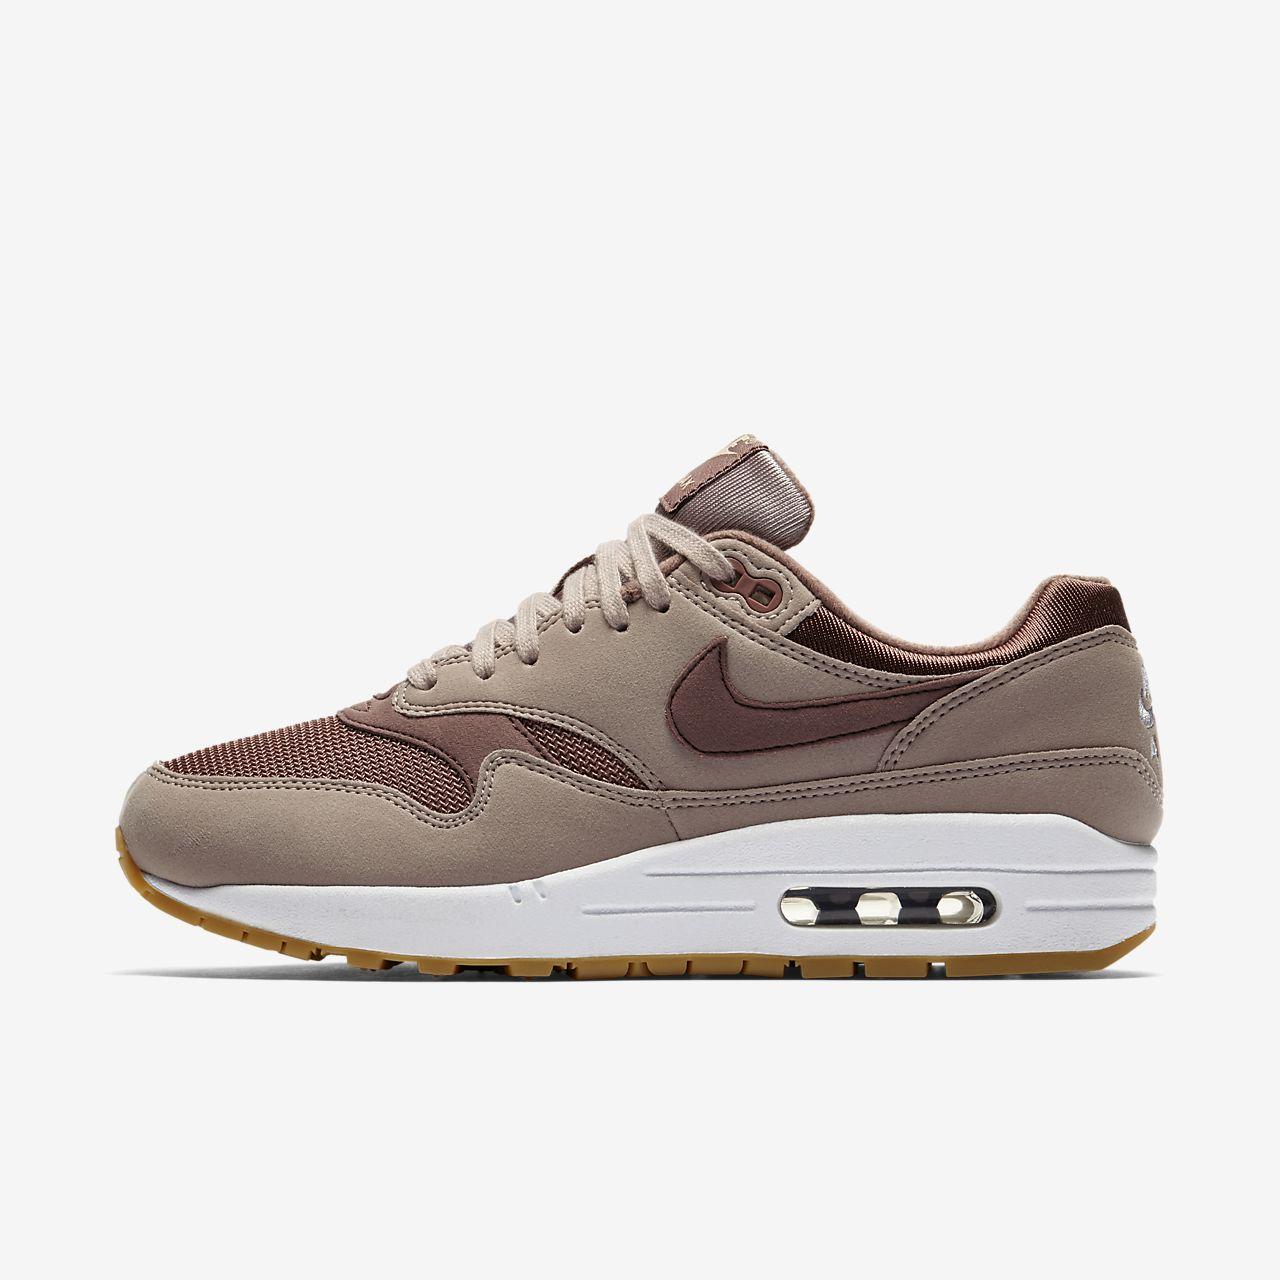 7e070718a48e Nike Air Max 1 Women s Shoe. Nike.com PT